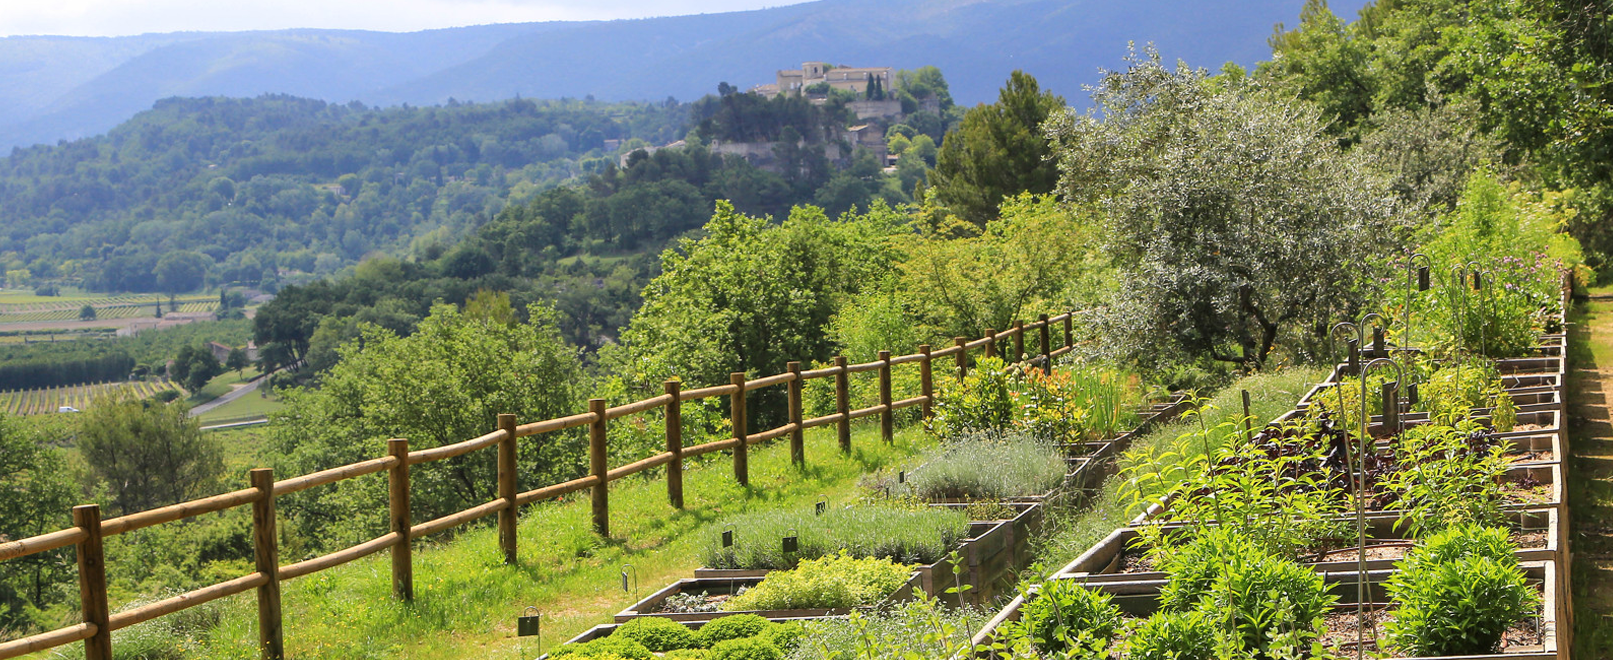 Jardin de la Citadelle à Ménerbes © Hocquel